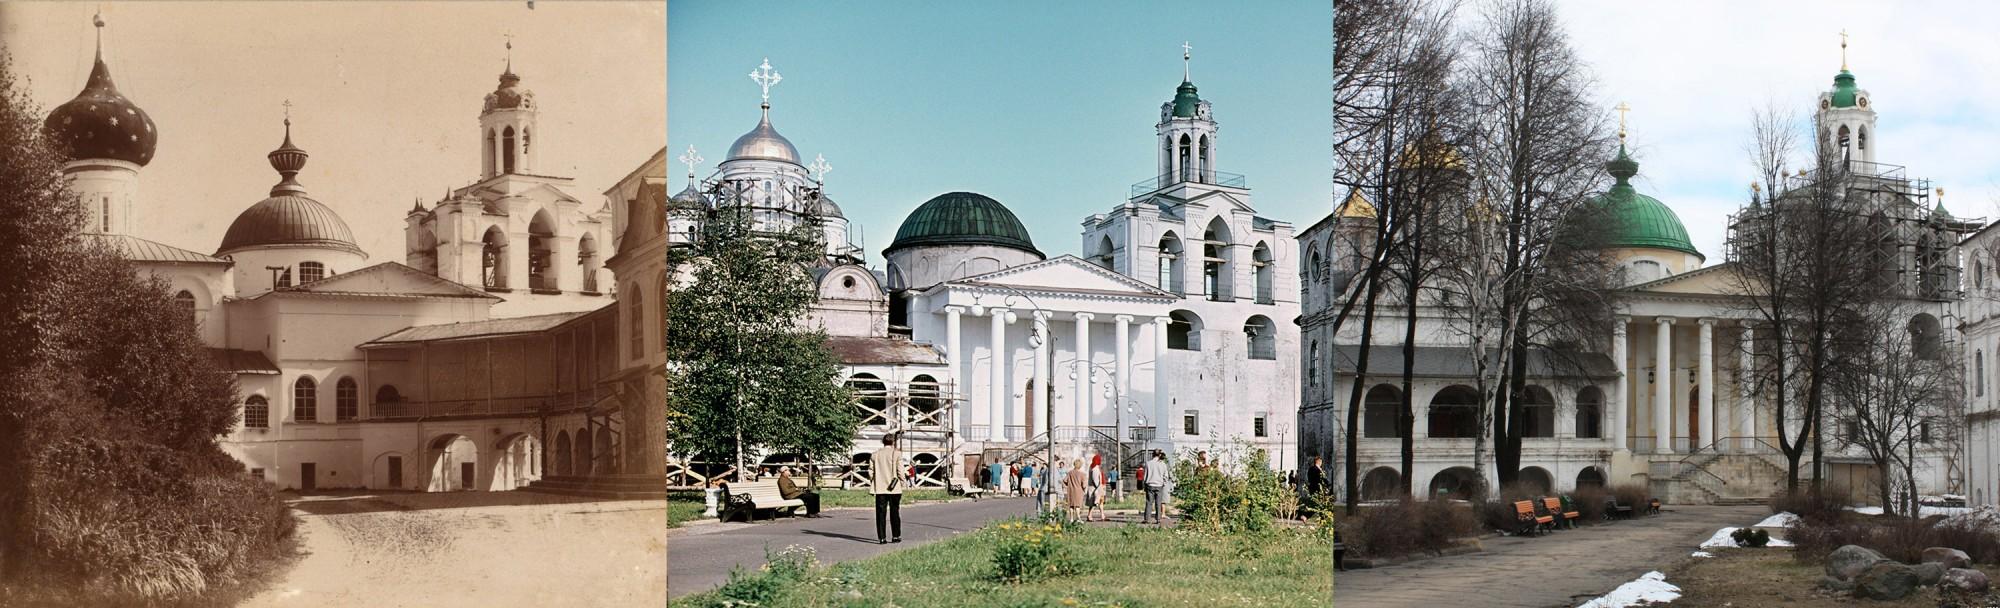 Ярославль. Спасо-Преображенский монастырь 1910-1967-2009 гг